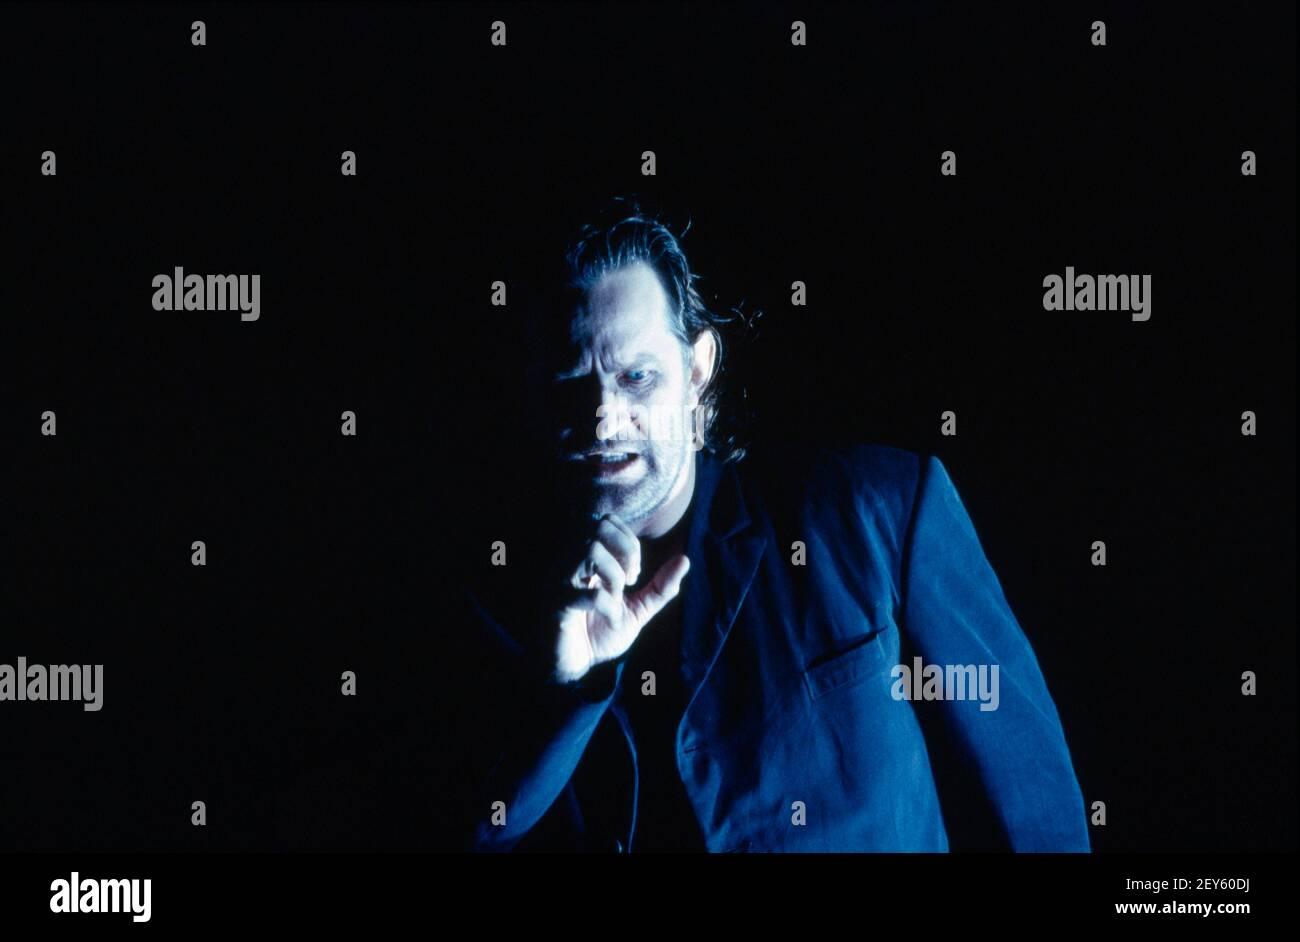 Poul Elming (Siegmund) in DIE demostración por Wagner en la Royal Opera, Covent Garden, Londres WC2 14/10/1994 director: Bernard Haitink diseño: Nigel Lotería iluminación: Pat Collins movimiento: Matthew Hamilton director: Richard Jones Foto de stock